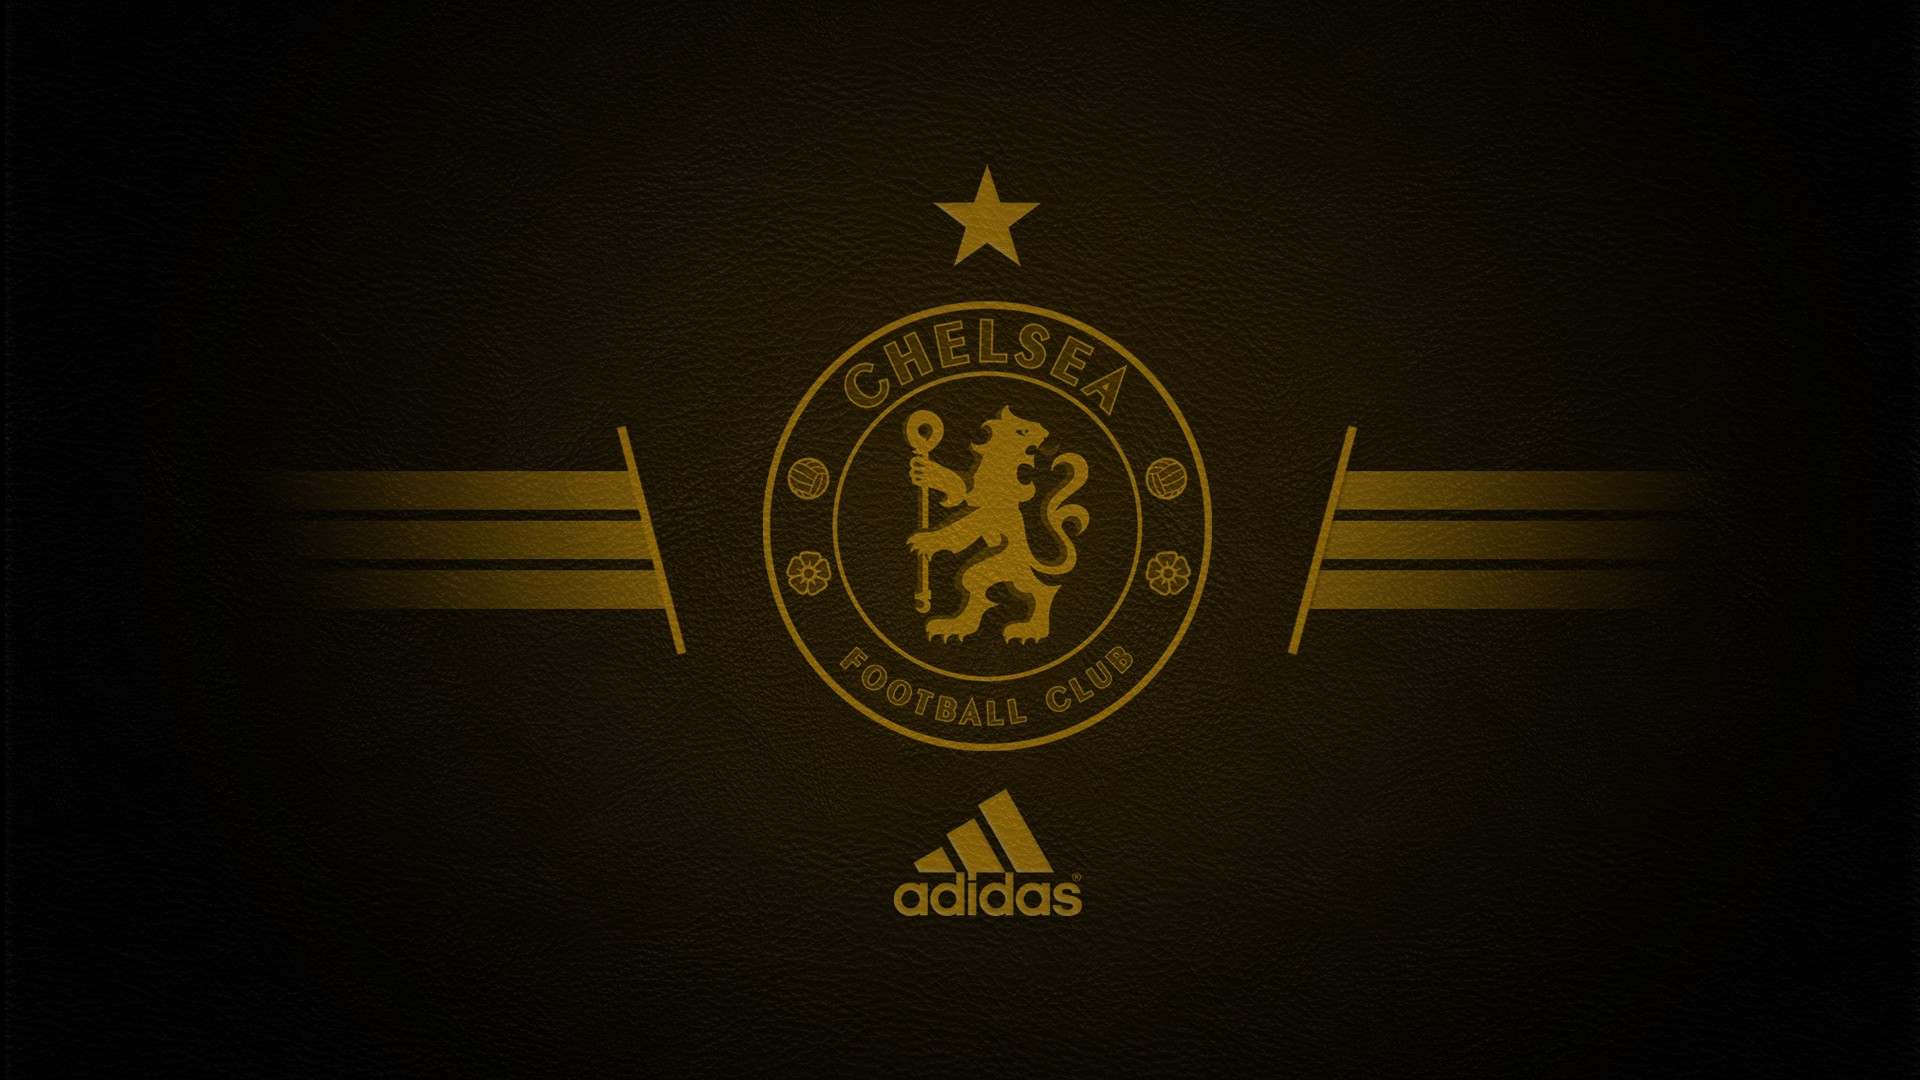 Chelsea FC Desktop Wallpaper - WallpaperSafari